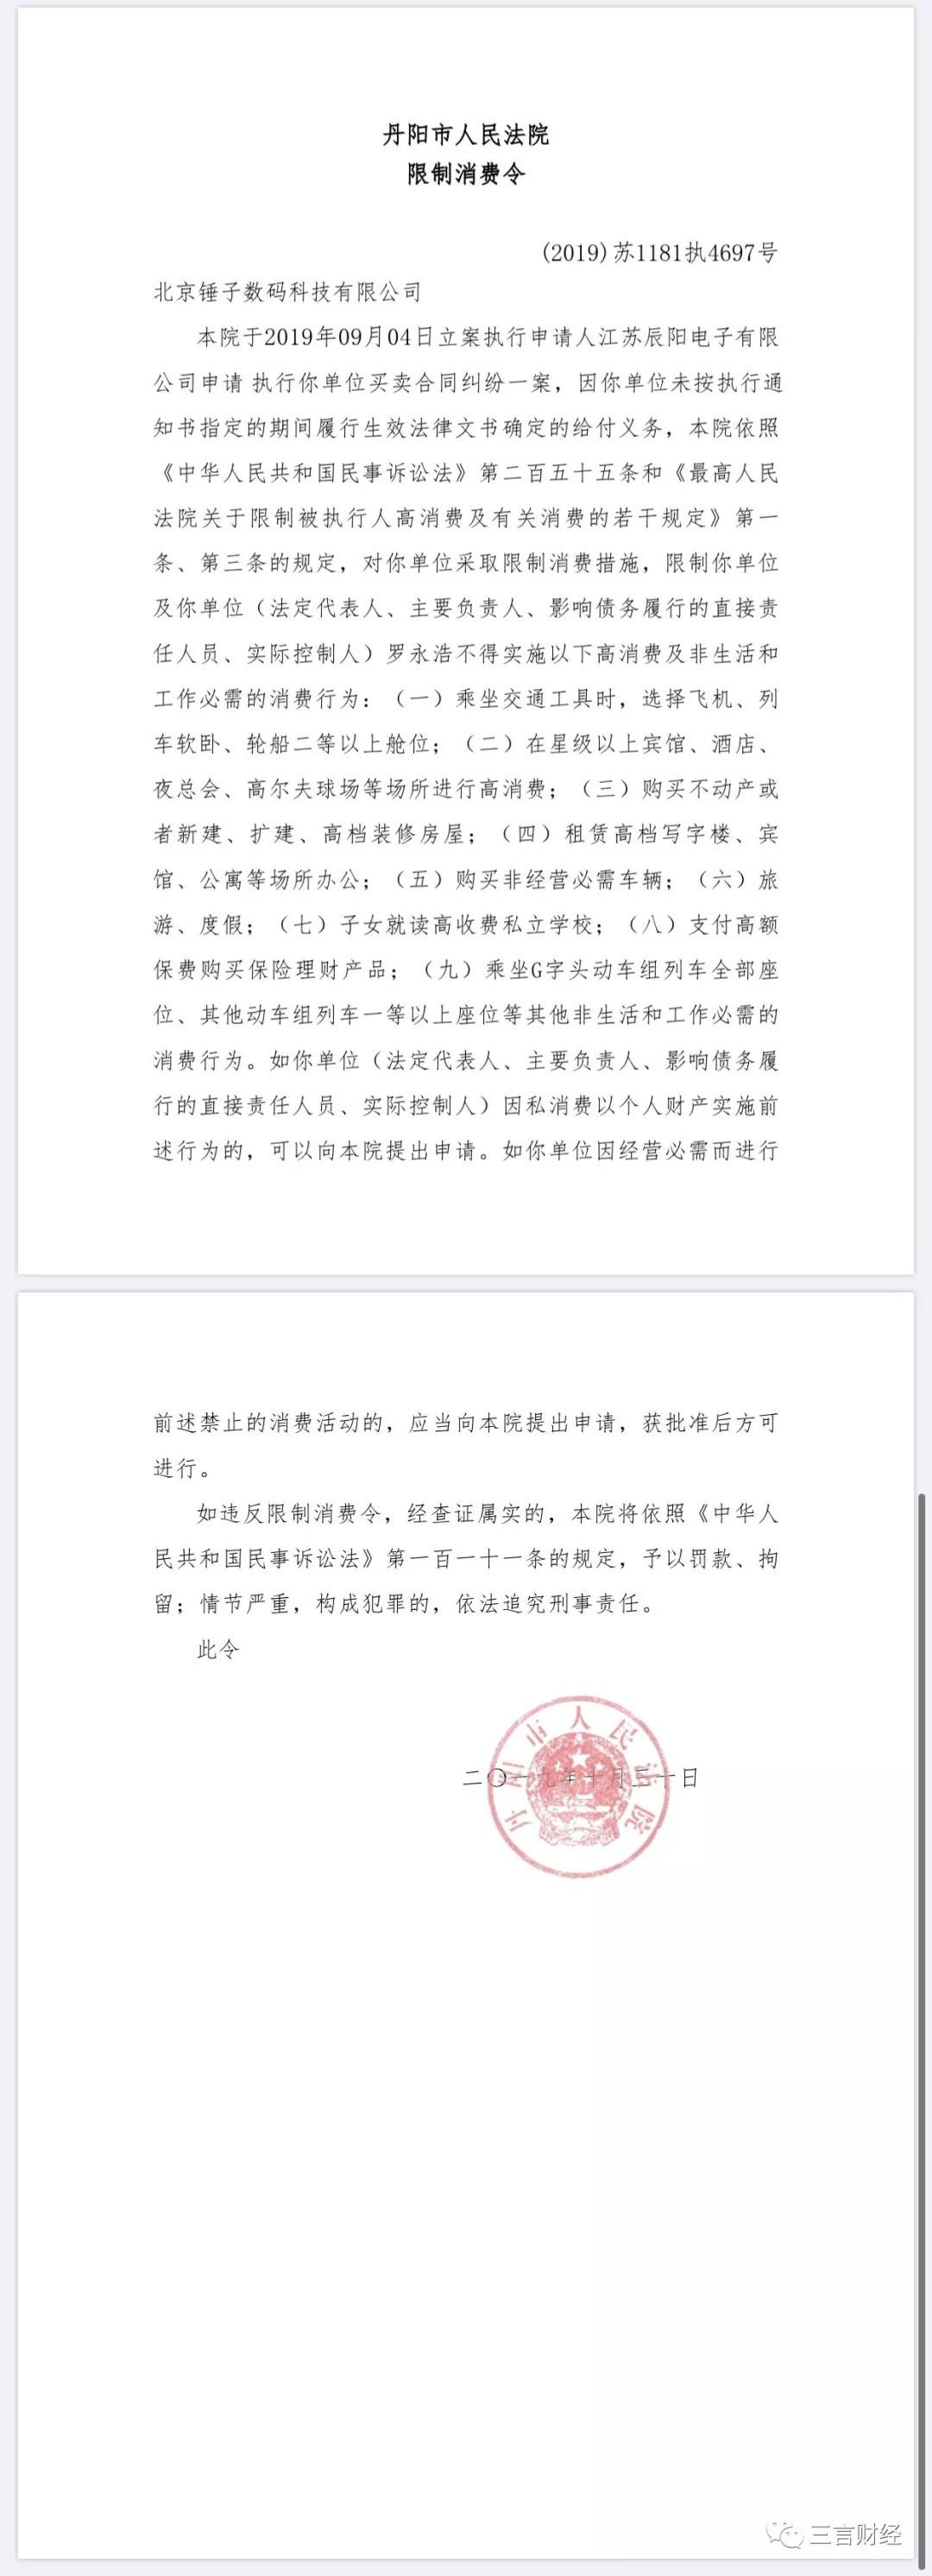 """罗永浩成""""老赖""""被限制消费,因欠370万货款……"""